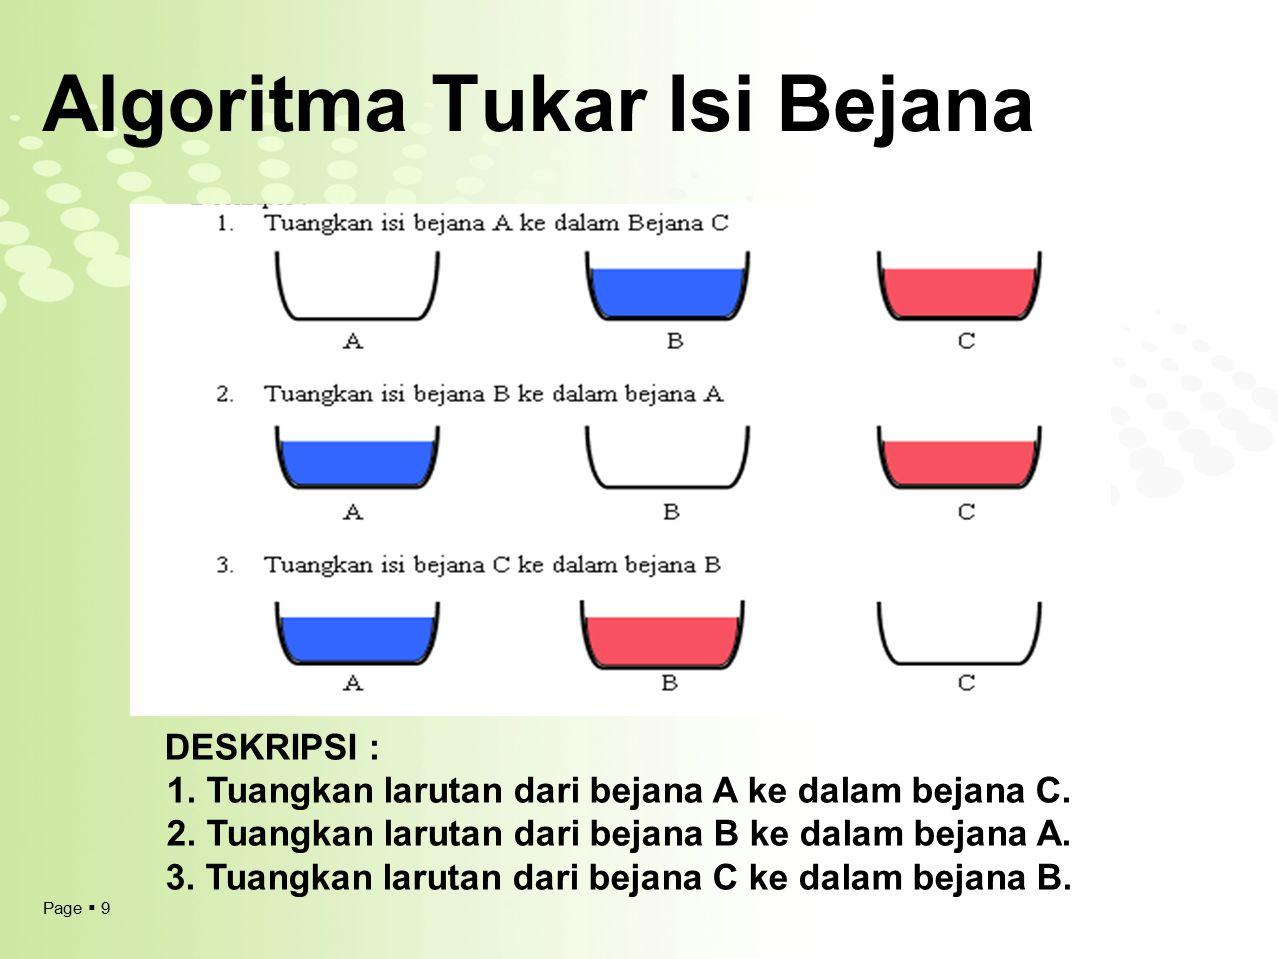 Page  9 Algoritma Tukar Isi Bejana DESKRIPSI : 1. Tuangkan larutan dari bejana A ke dalam bejana C. 2. Tuangkan larutan dari bejana B ke dalam bejana